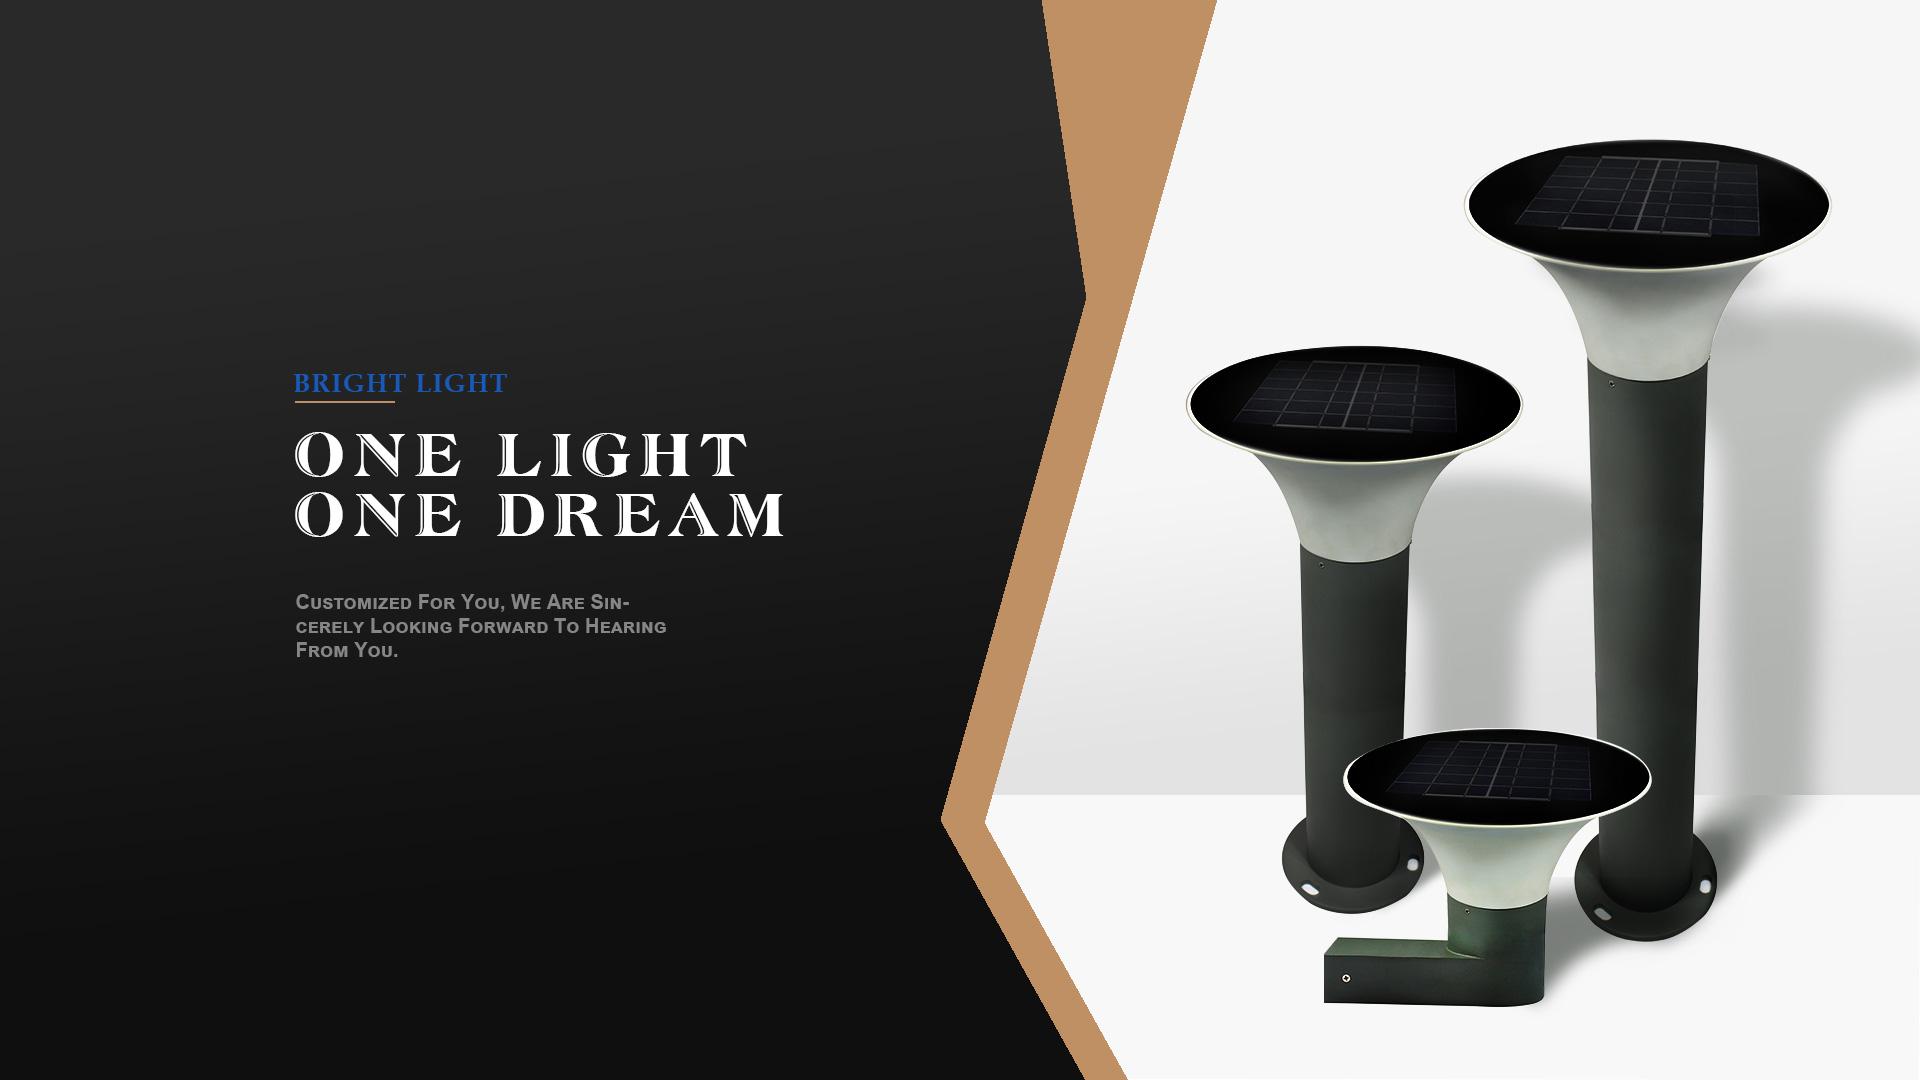 Kons-Wholesale Led Lights | Led Outdoor Landscape Lighting Manufacturers